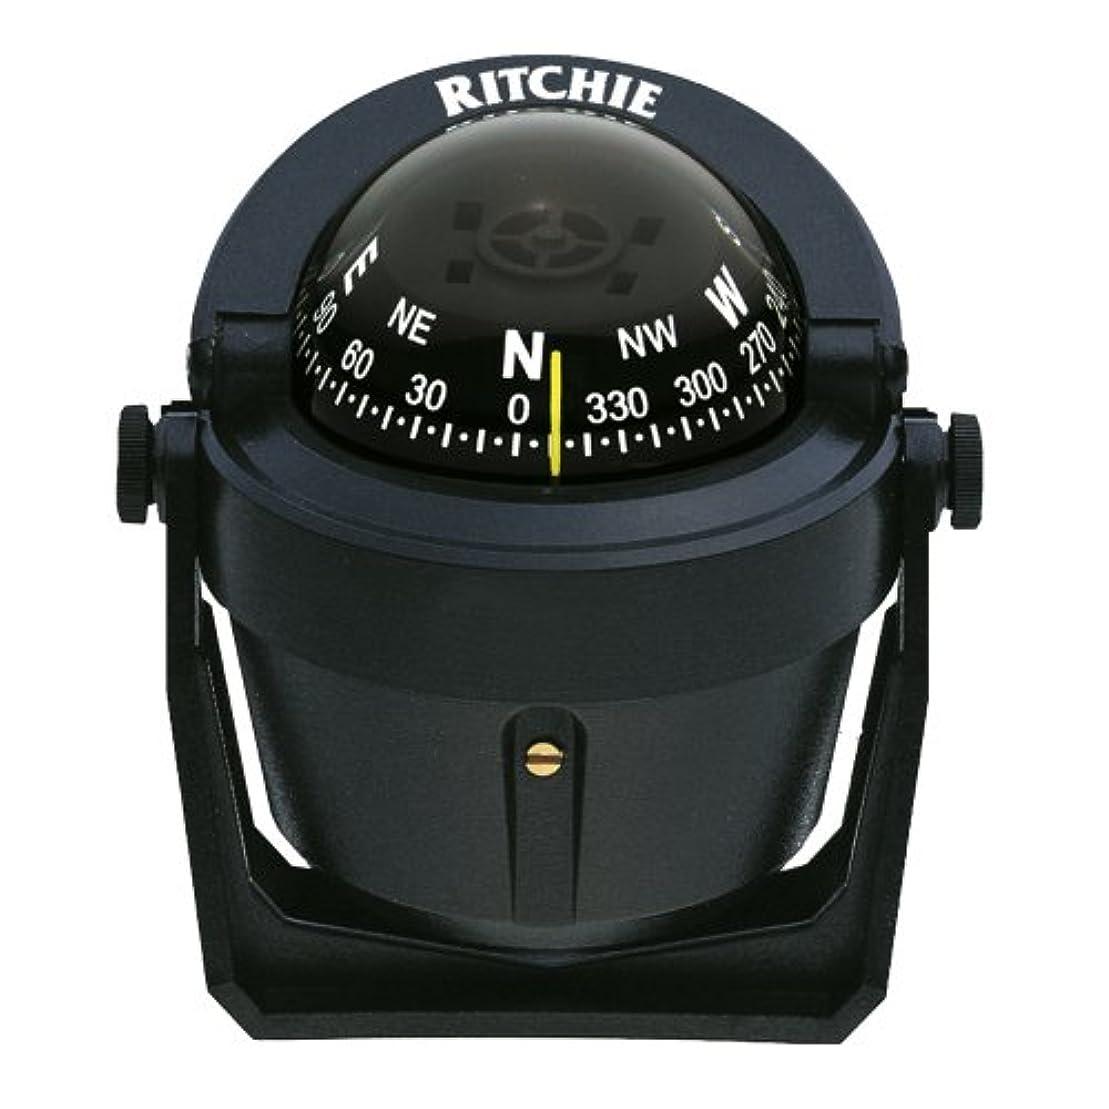 一時的忠実なブラケットRitchie B-51 Explorer Compass - Bracket Mount - Black by Ritchie